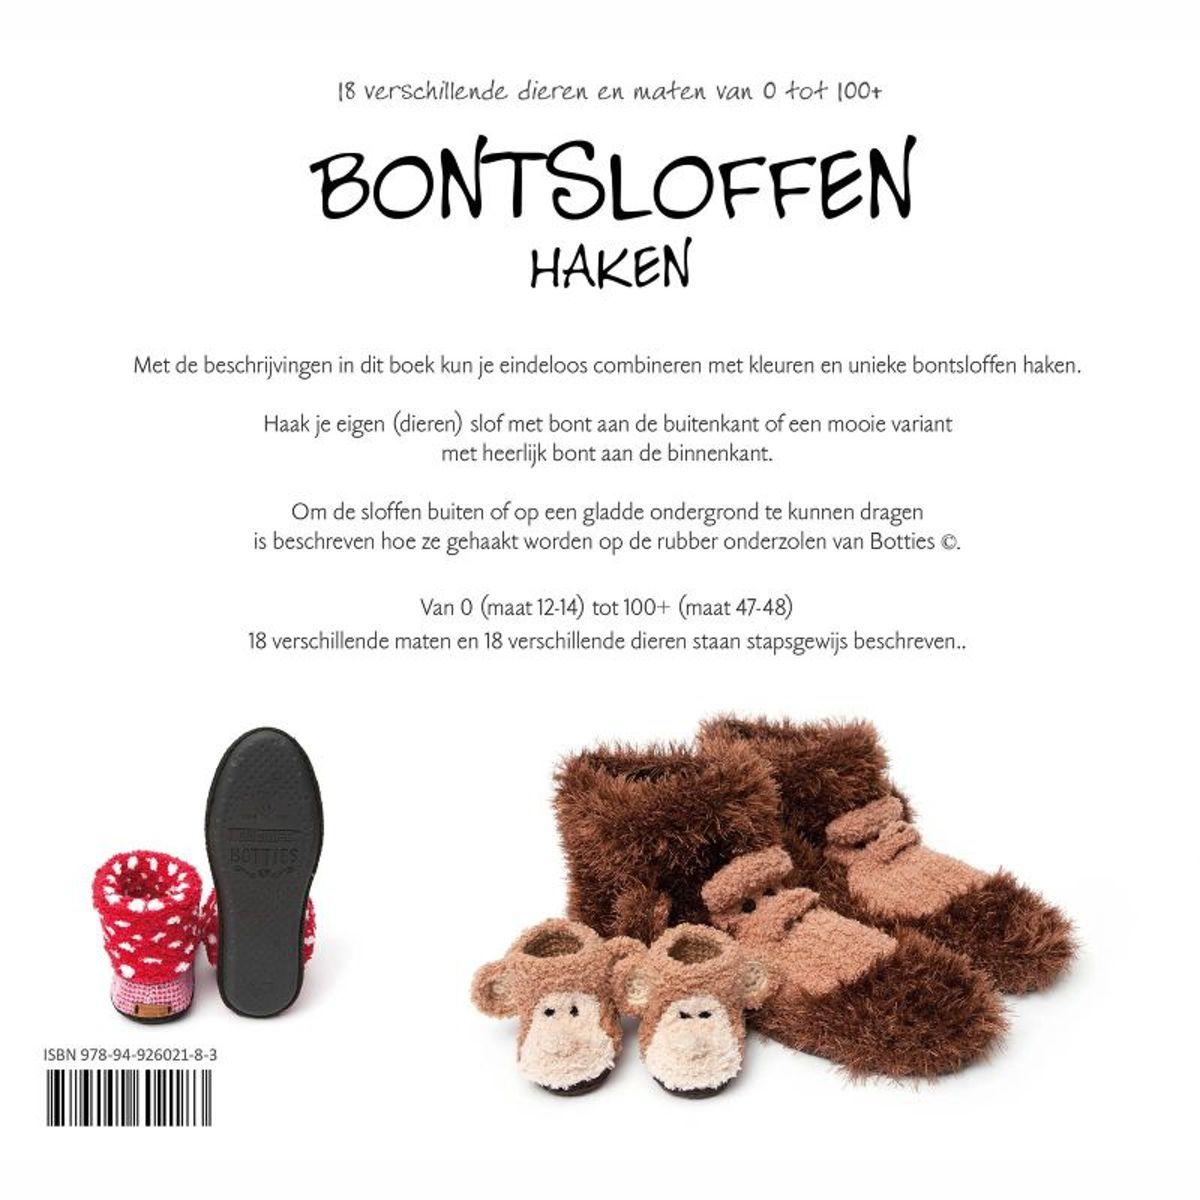 Bolcom Bontsloffen Haken Anja Toonen 9789492602183 Boeken